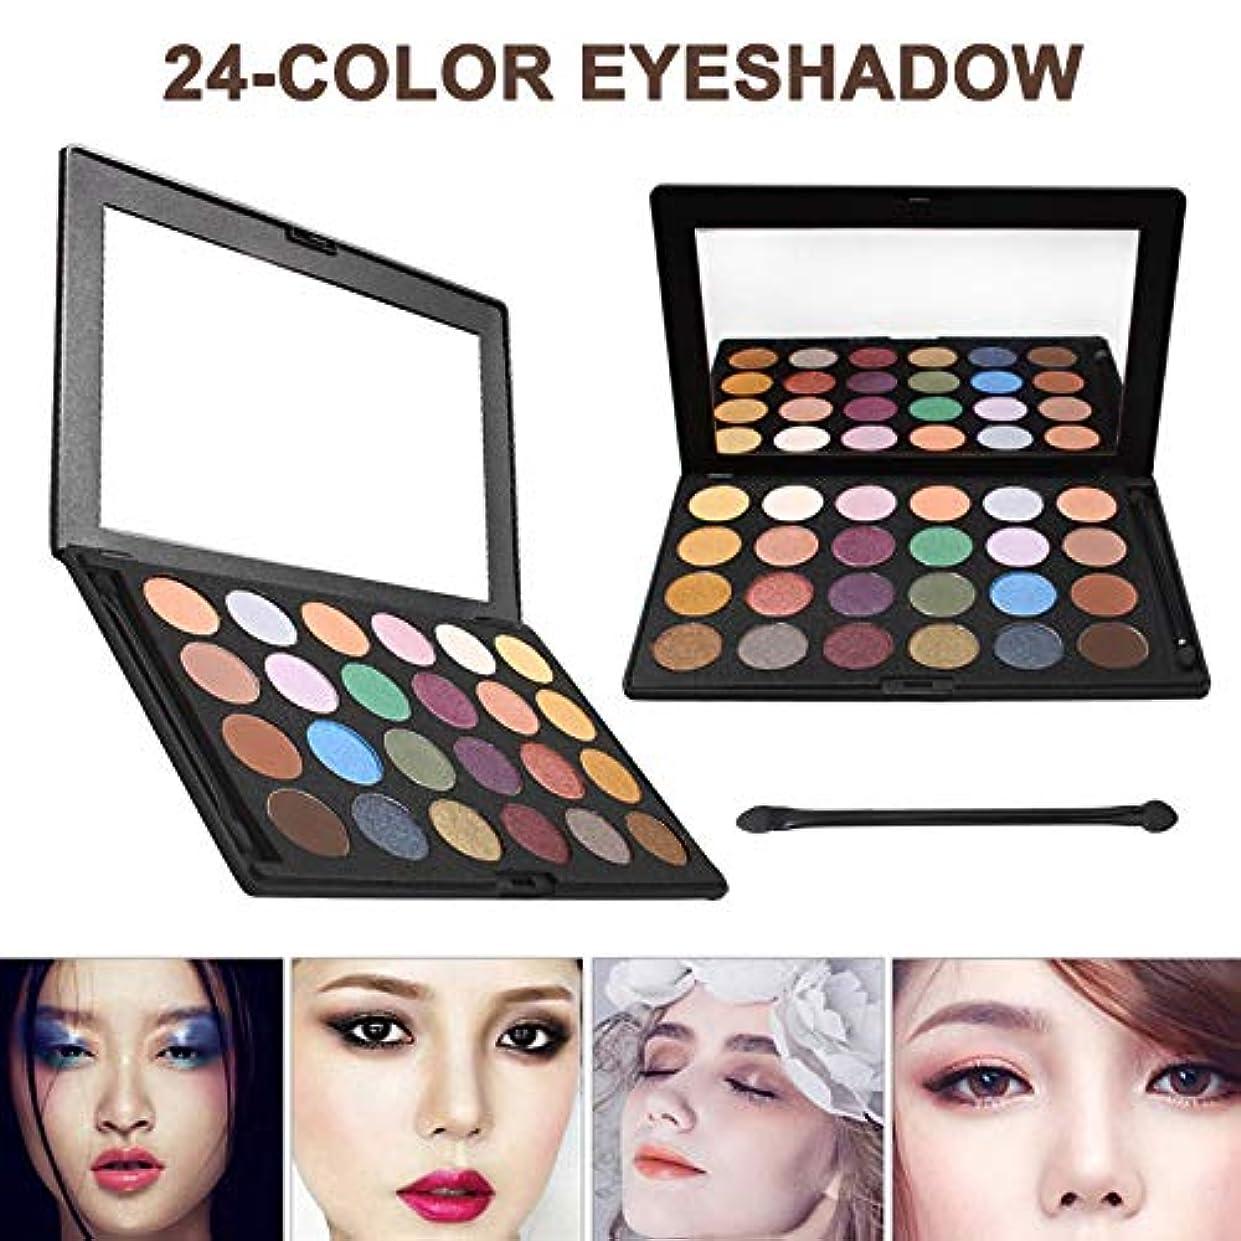 Symboat アイシャドウパレット 鮮やかな発色 24色ロングラスティング 組み合わせ コスメ 毎日 化粧品 ナチュラル 自然立体 多色 化粧美容人気